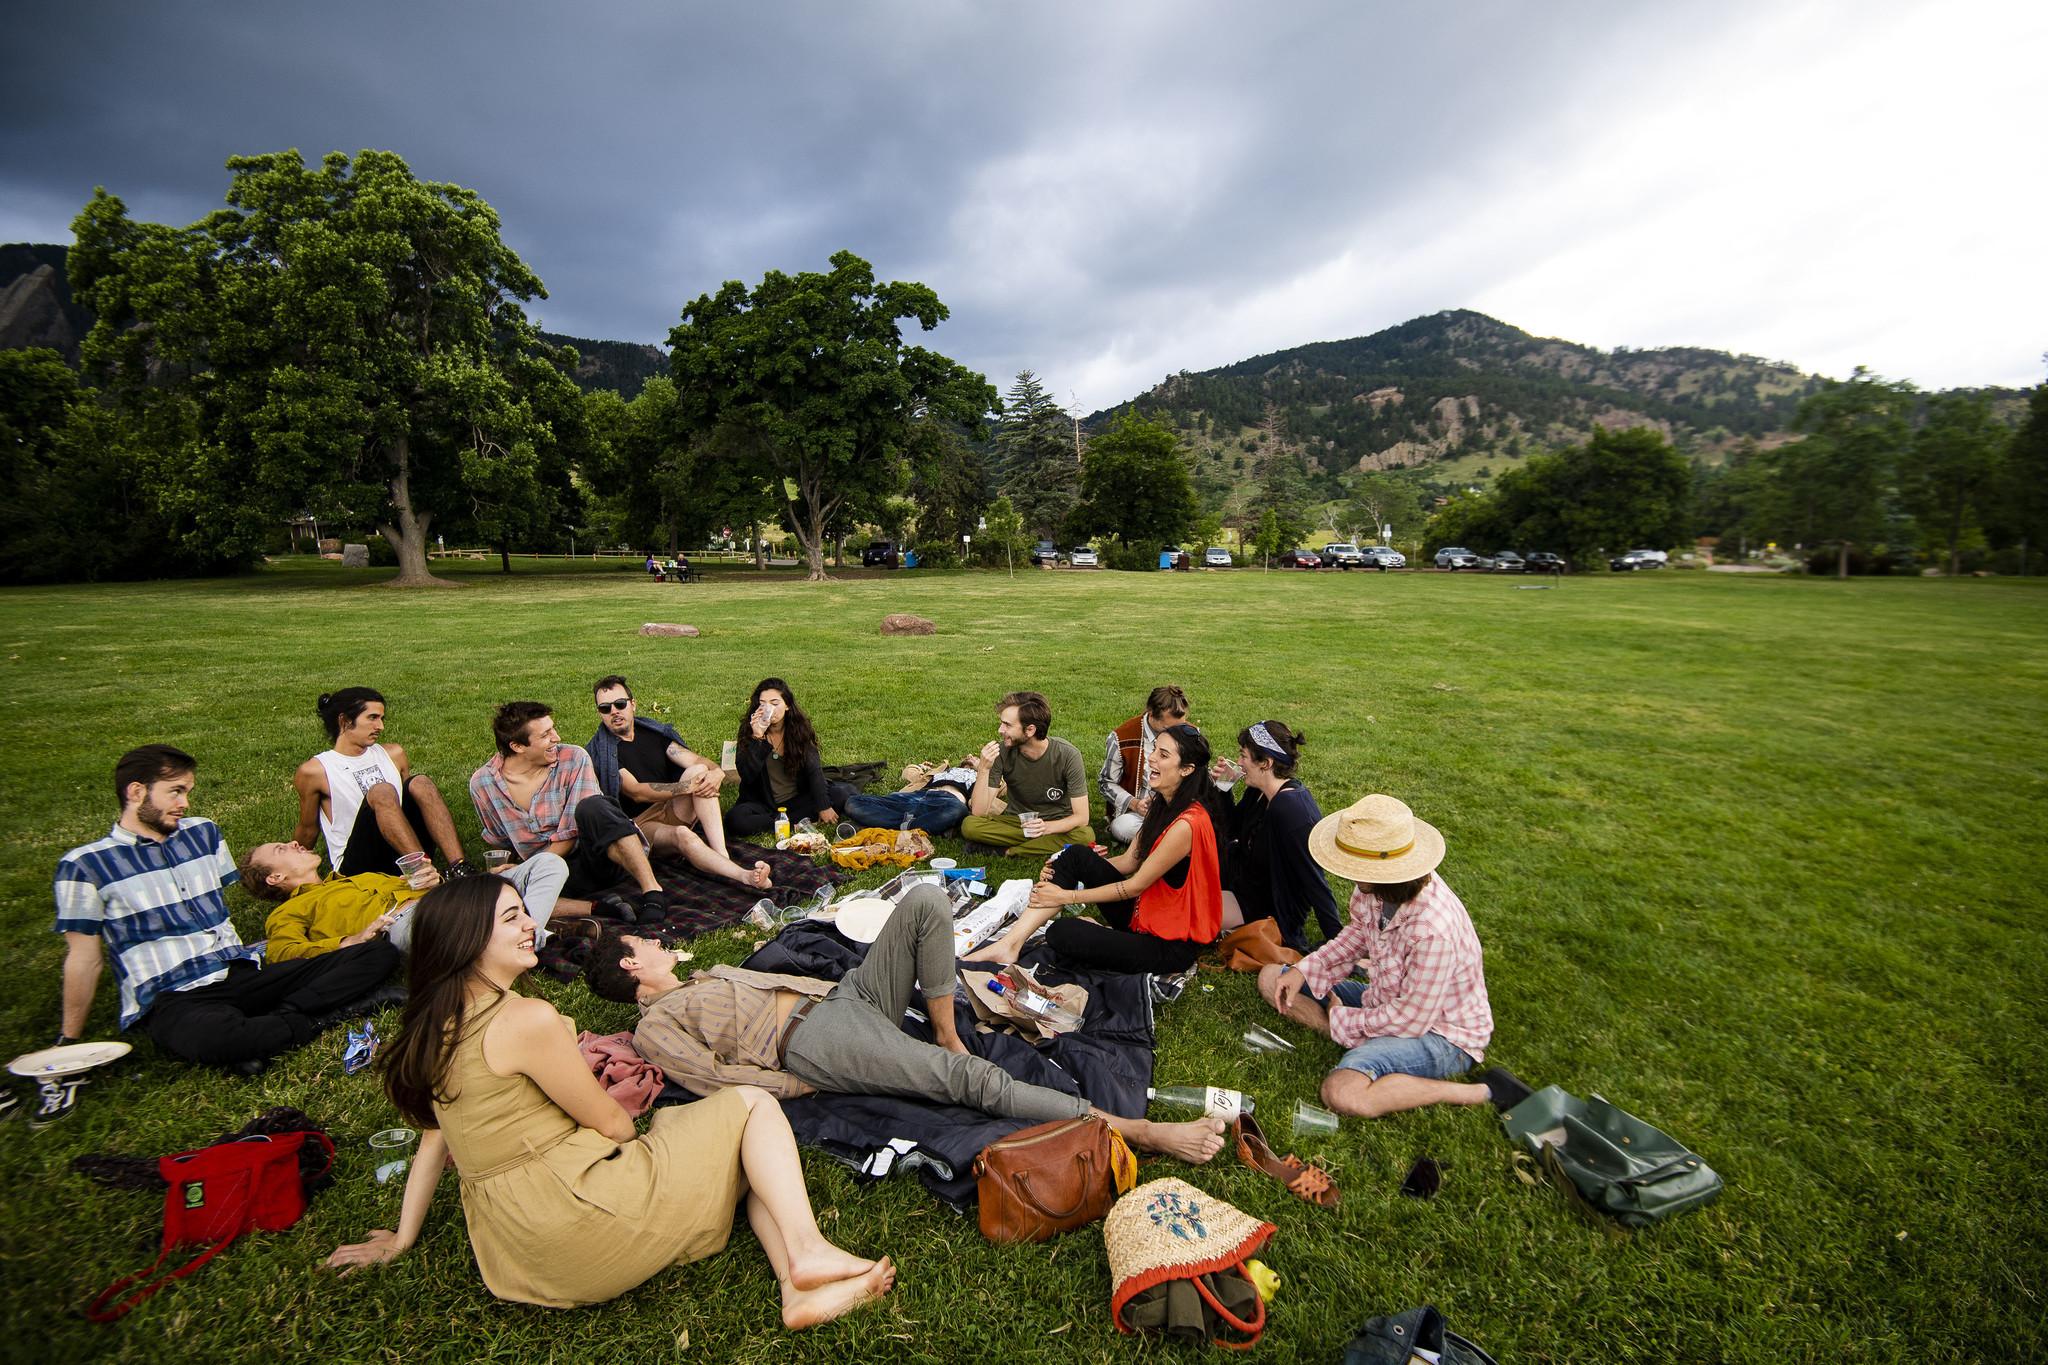 dating scene in Boulder co